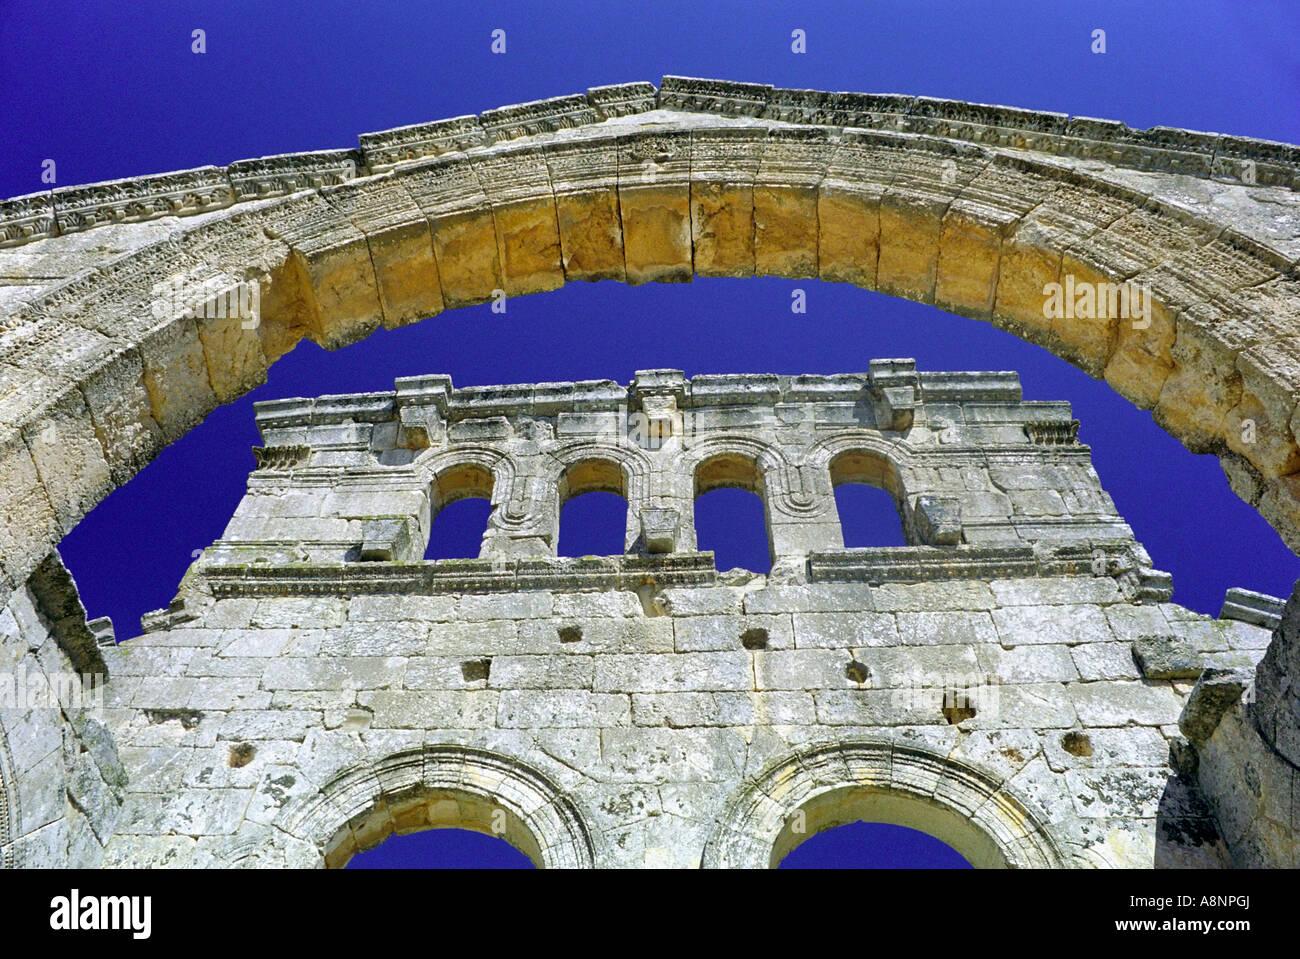 Qala at Samaan - Aleppo, SYRIA - Stock Image